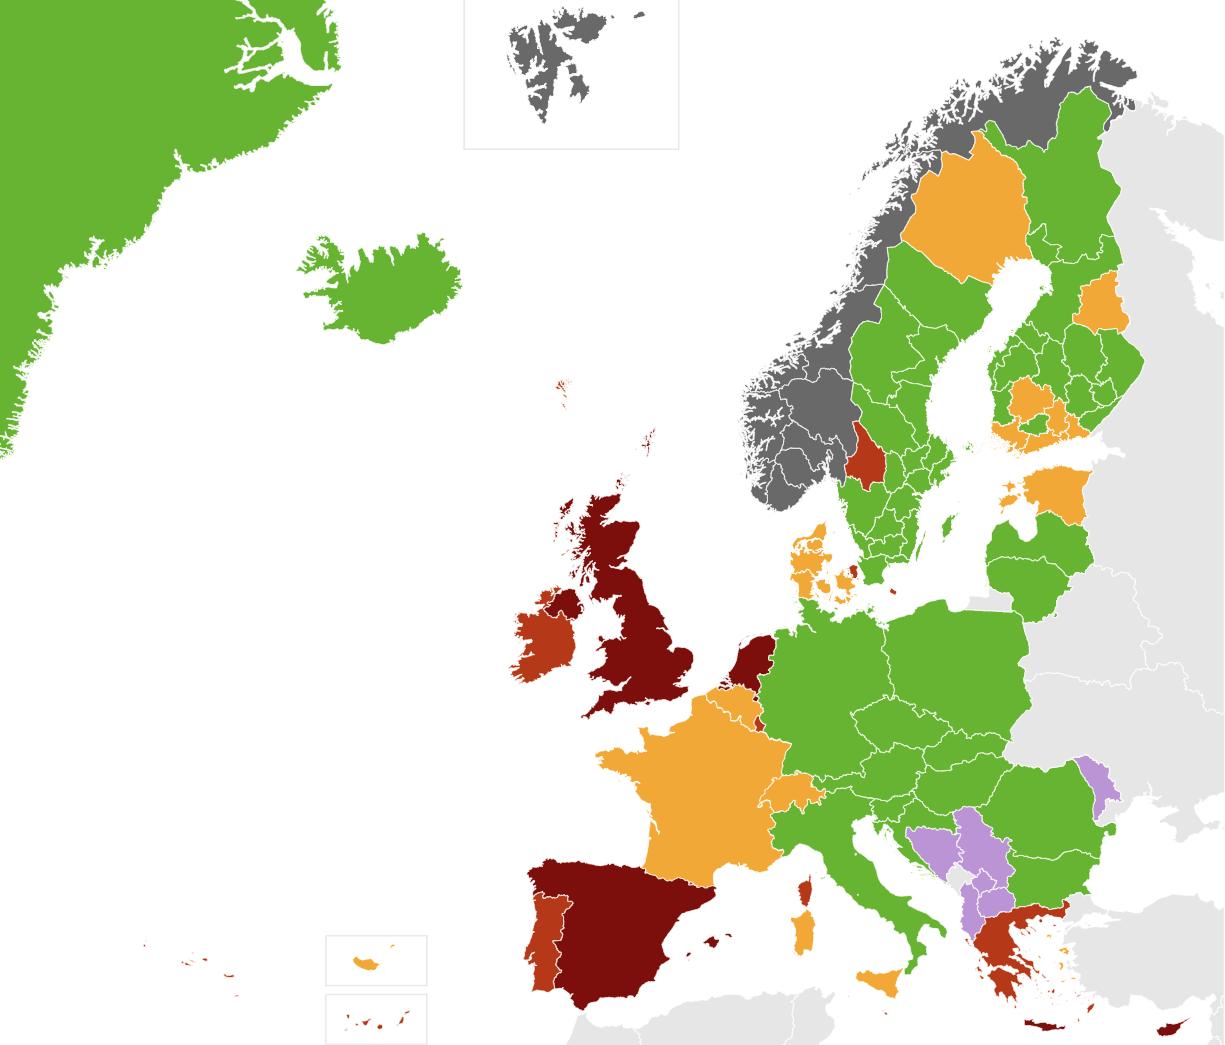 Заболеваемость ковидом в Европе на 26.07 по версии норвежцев